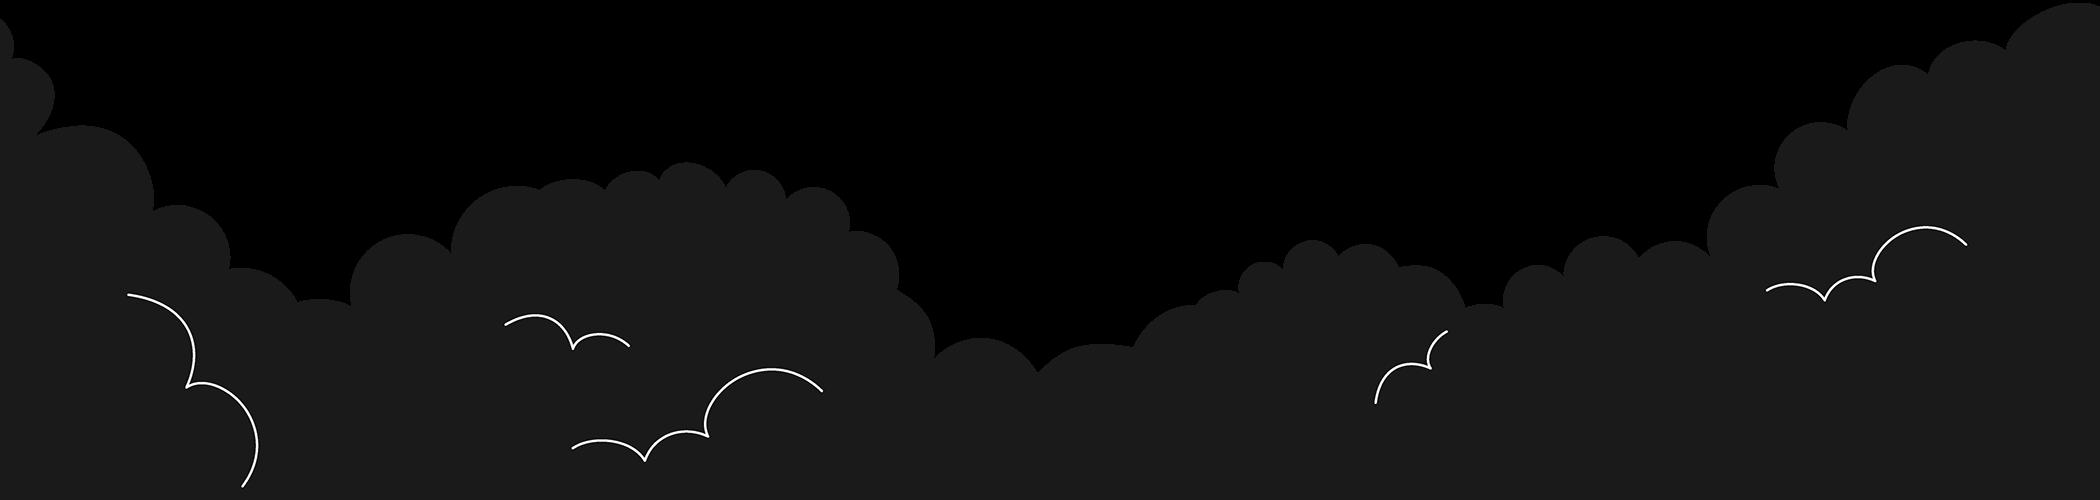 https://hlink.pt/wp-content/uploads/2020/05/Startup-02.png